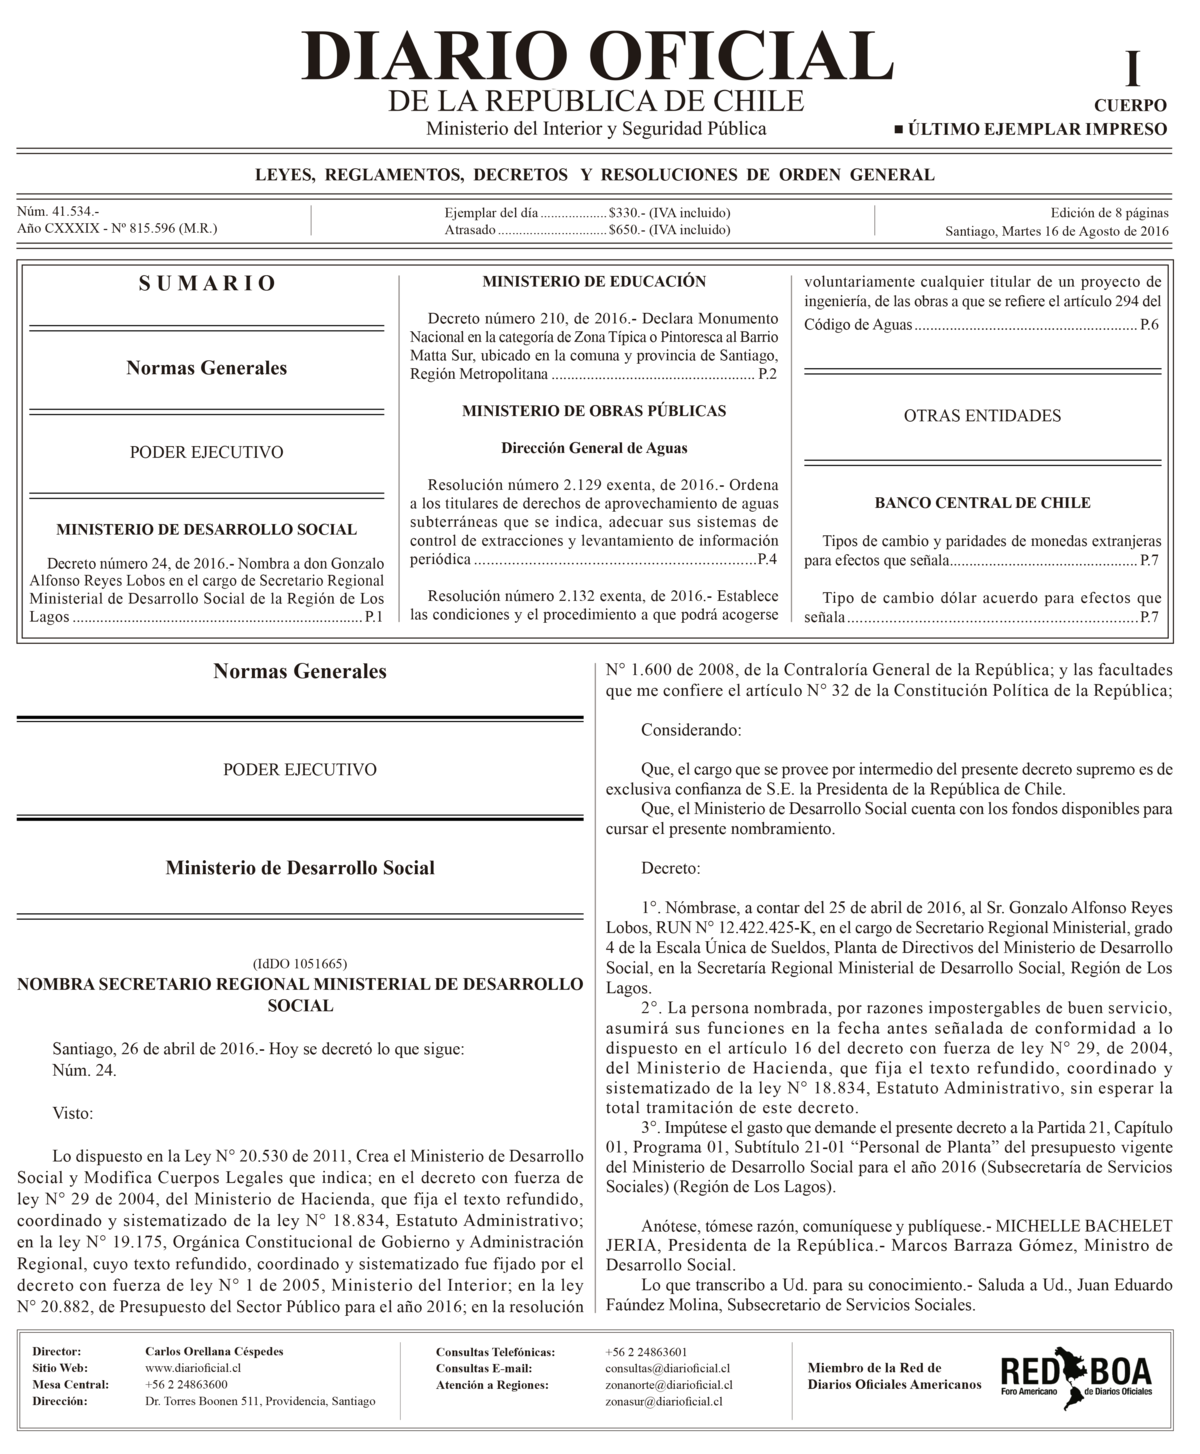 Diario oficial de la rep blica de chile wikipedia la for Ministerio del interior pagina oficial